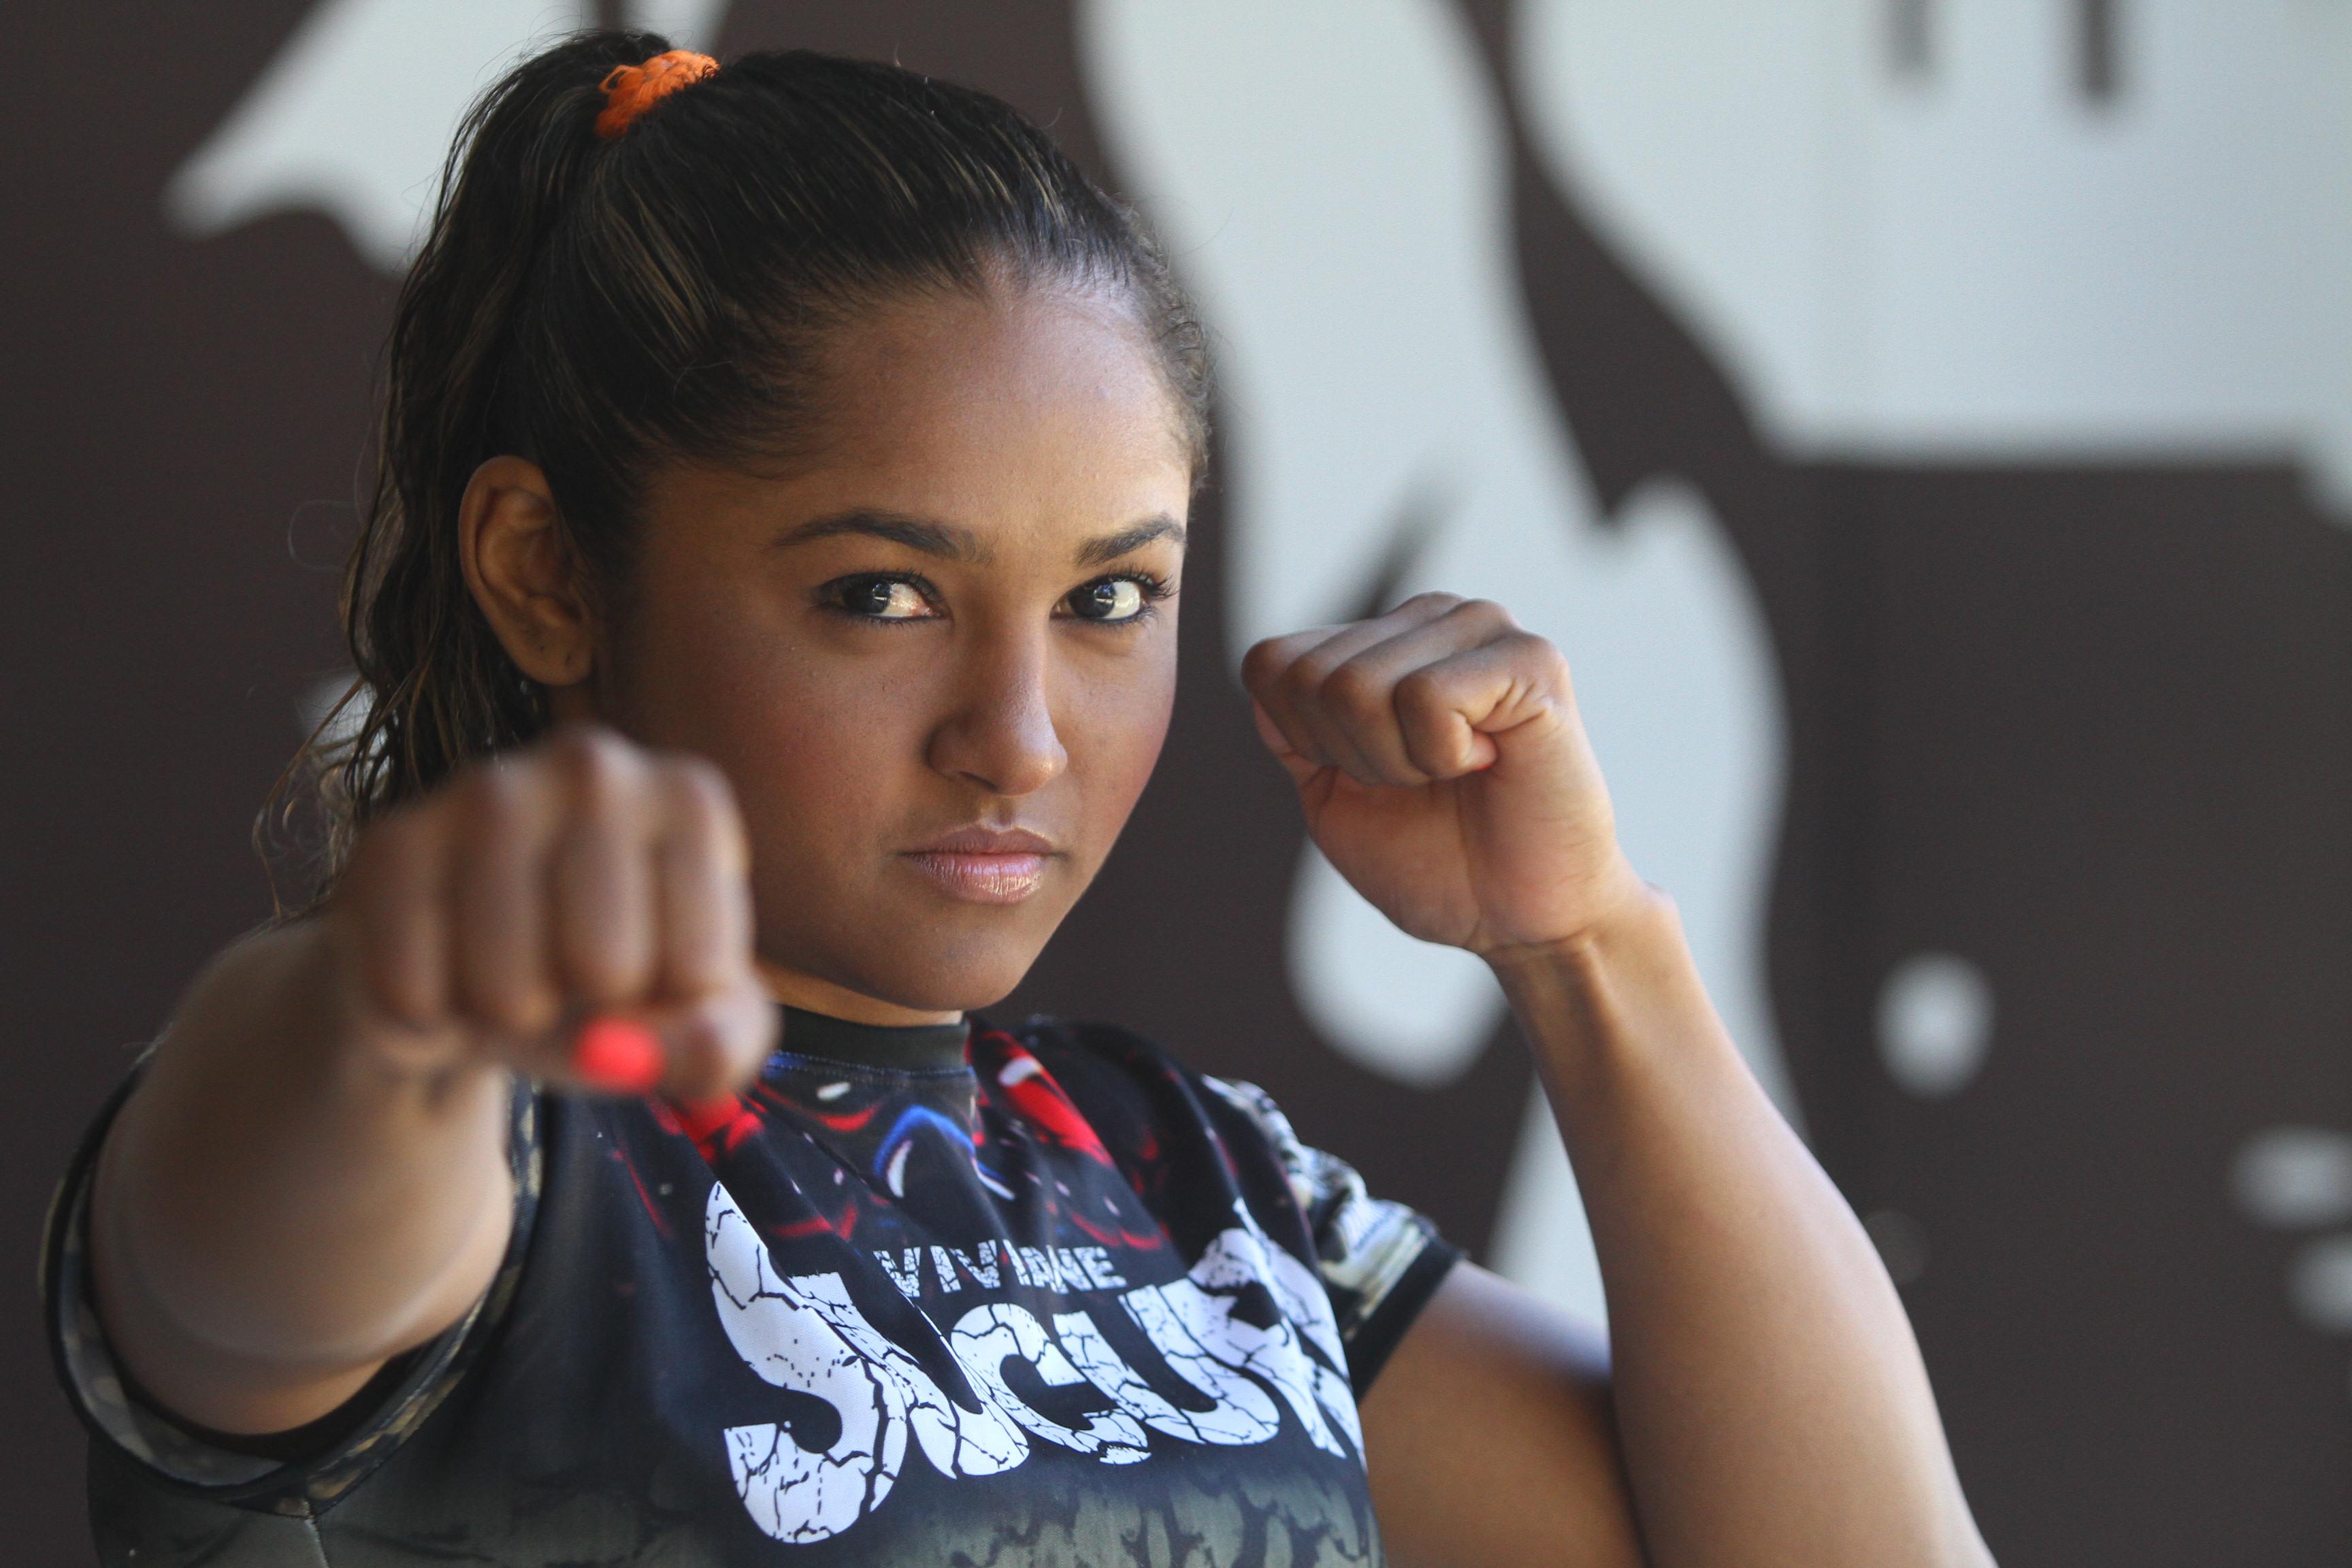 Viviane Sucuri vive grande fase e está invicta no MMA profissional. Foto: Edimar Soares/O POVO